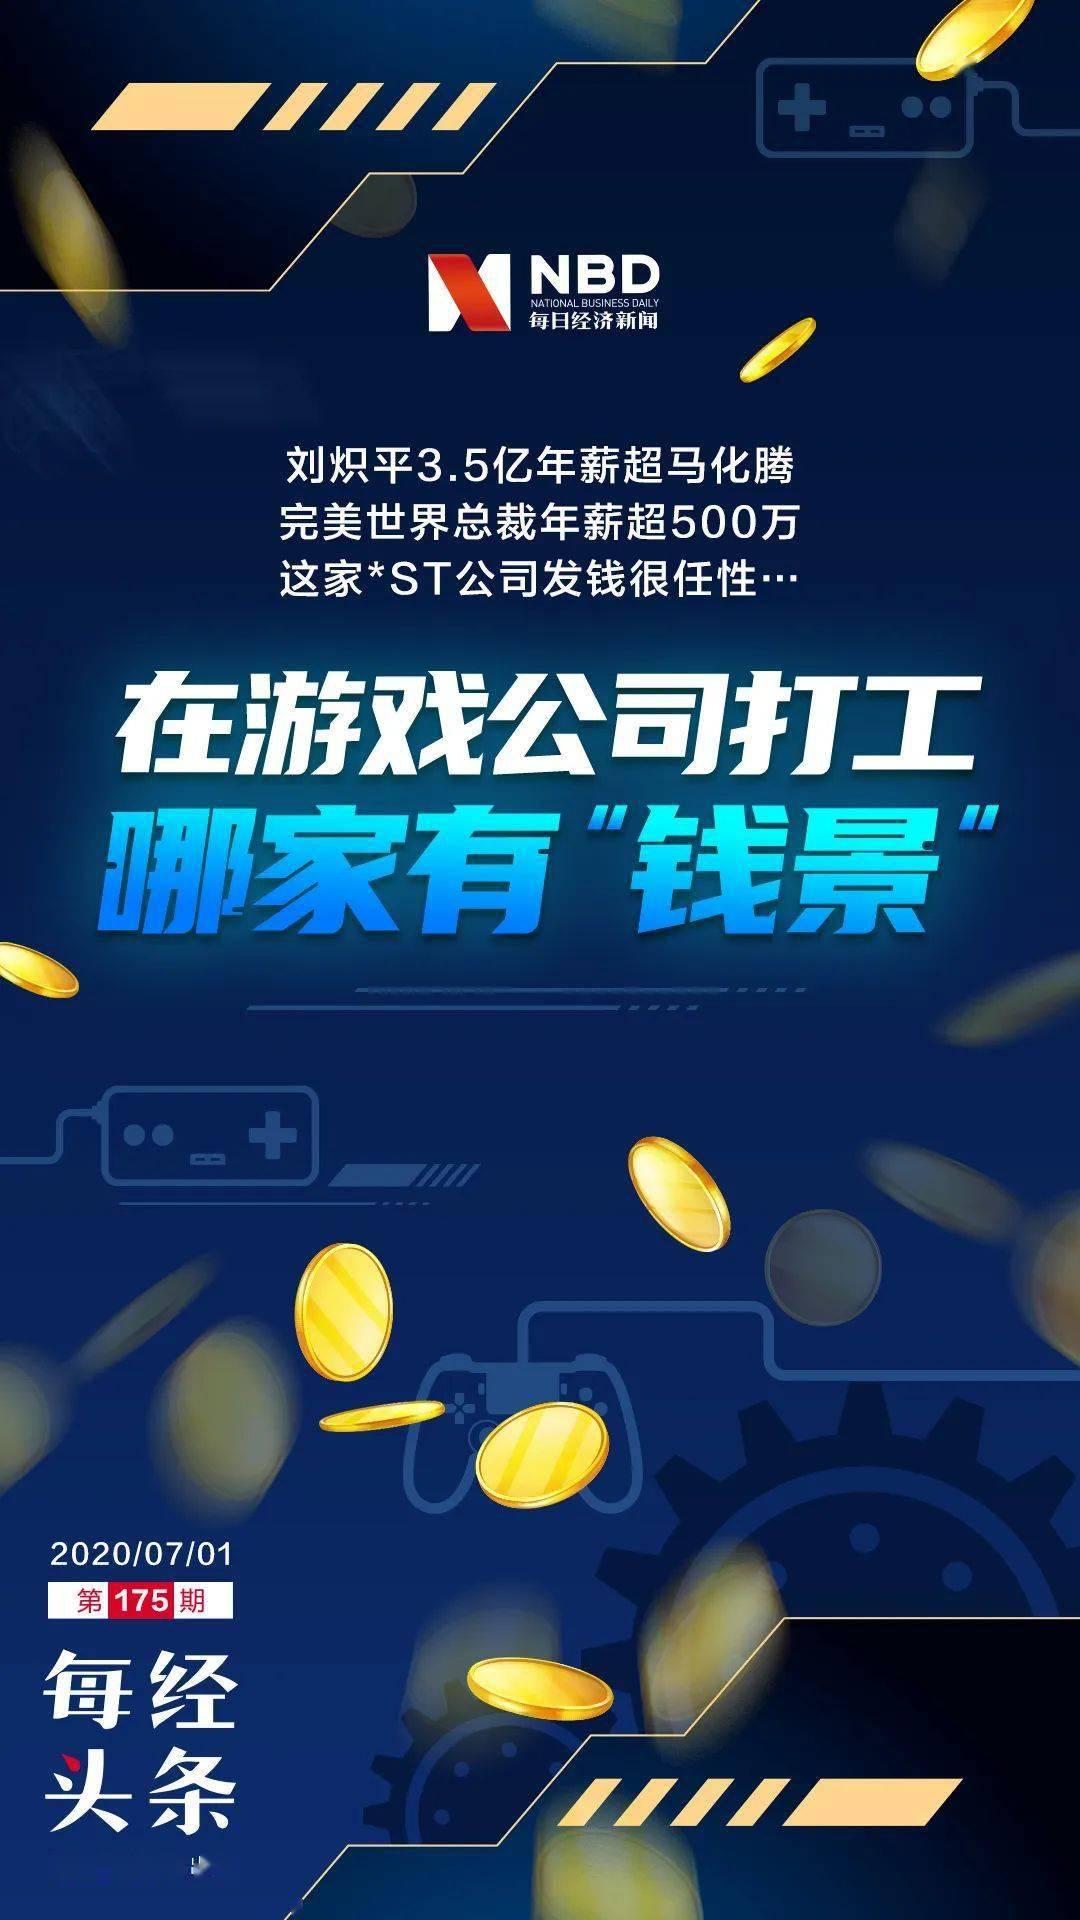 """钱景游戏公司打工""""钱景""""哪家强?刘炽平3.5亿年薪超马化腾 这家*ST公司发起钱来很任性……"""